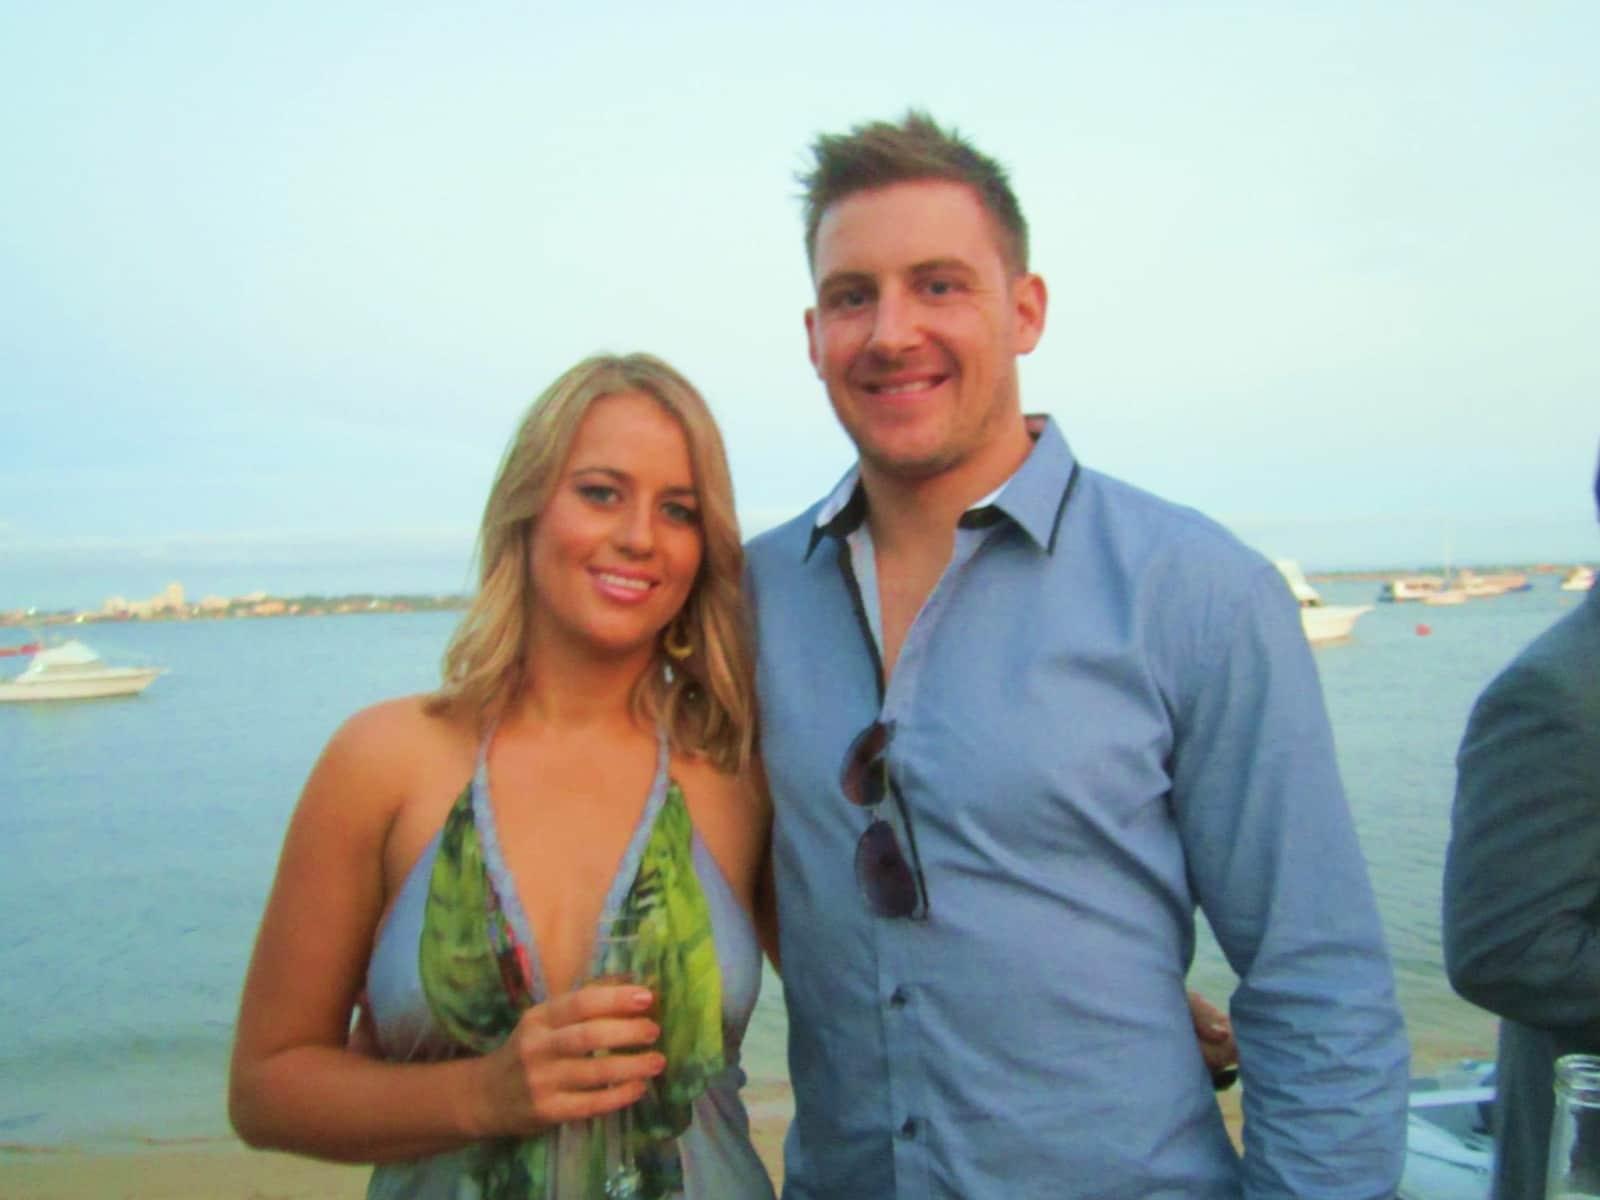 Jamie & Billie from Carnarvon, Western Australia, Australia